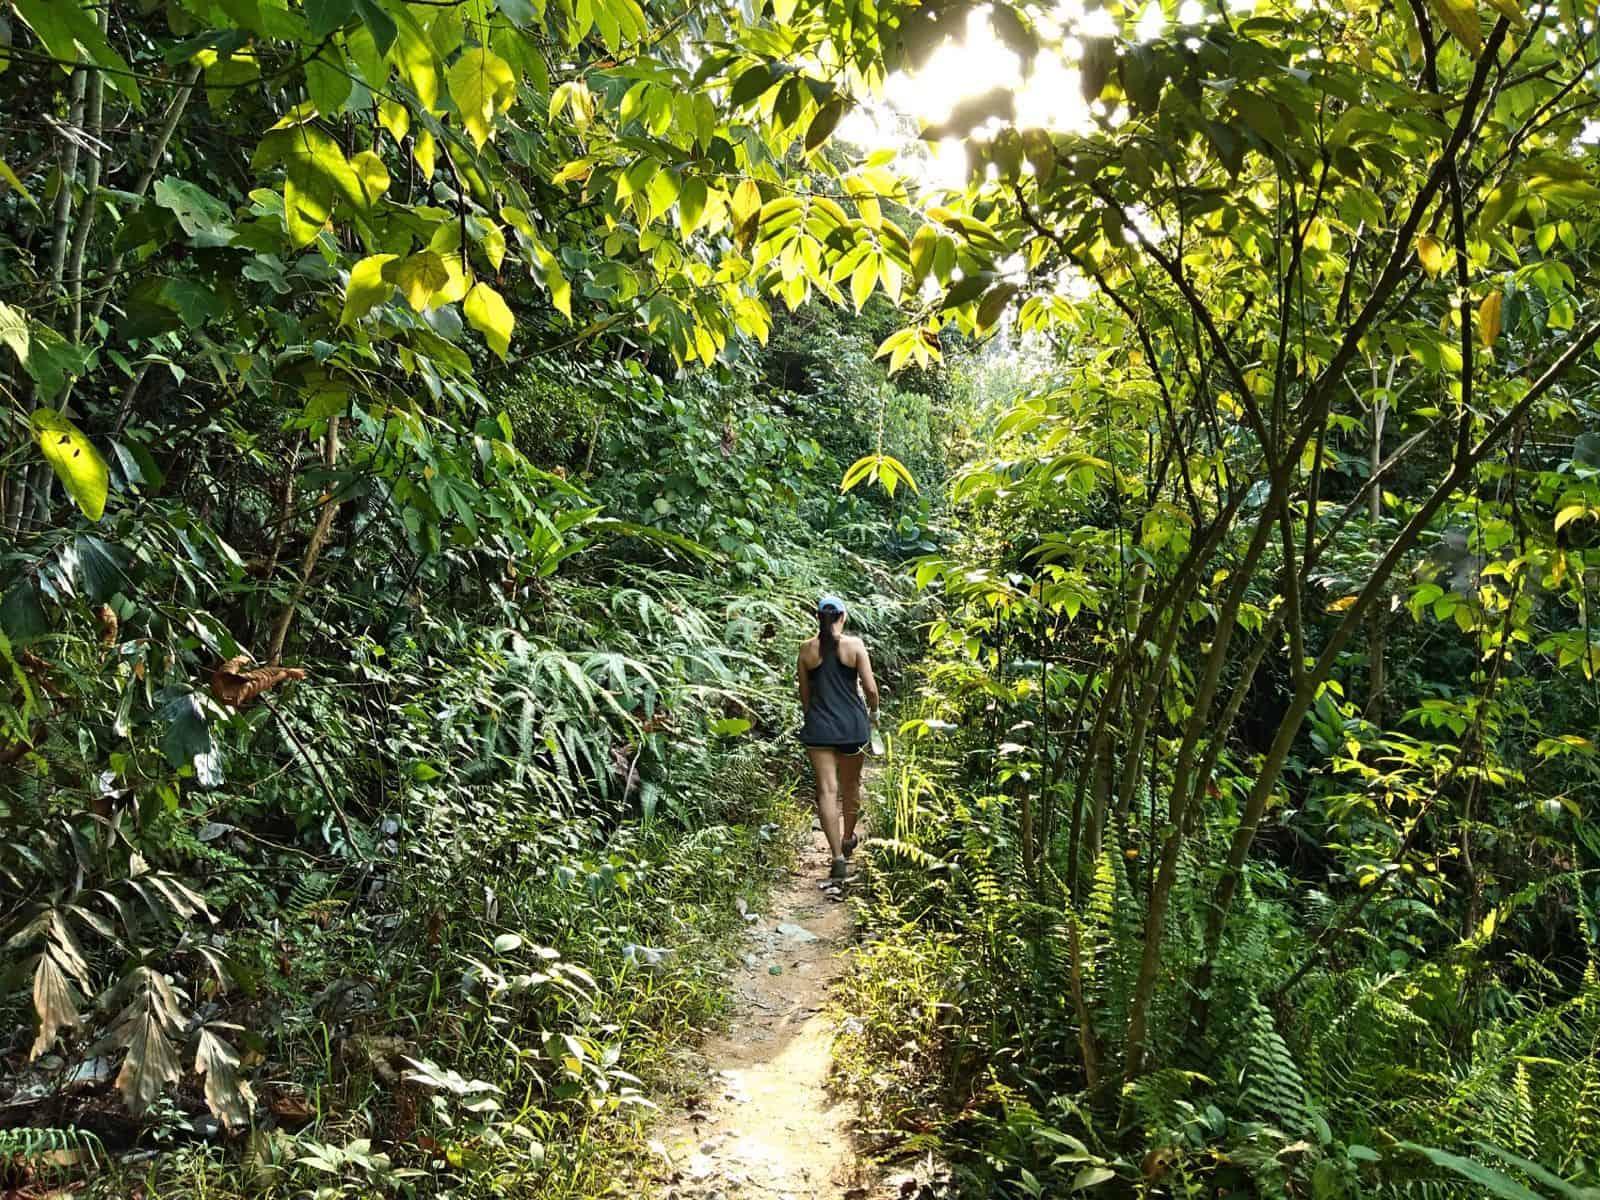 Bukit-Kiara-jungle-hike-Mont-Kiara-TTDI-Kuala-Lumpur-Malaysia ] Travel Mermaid